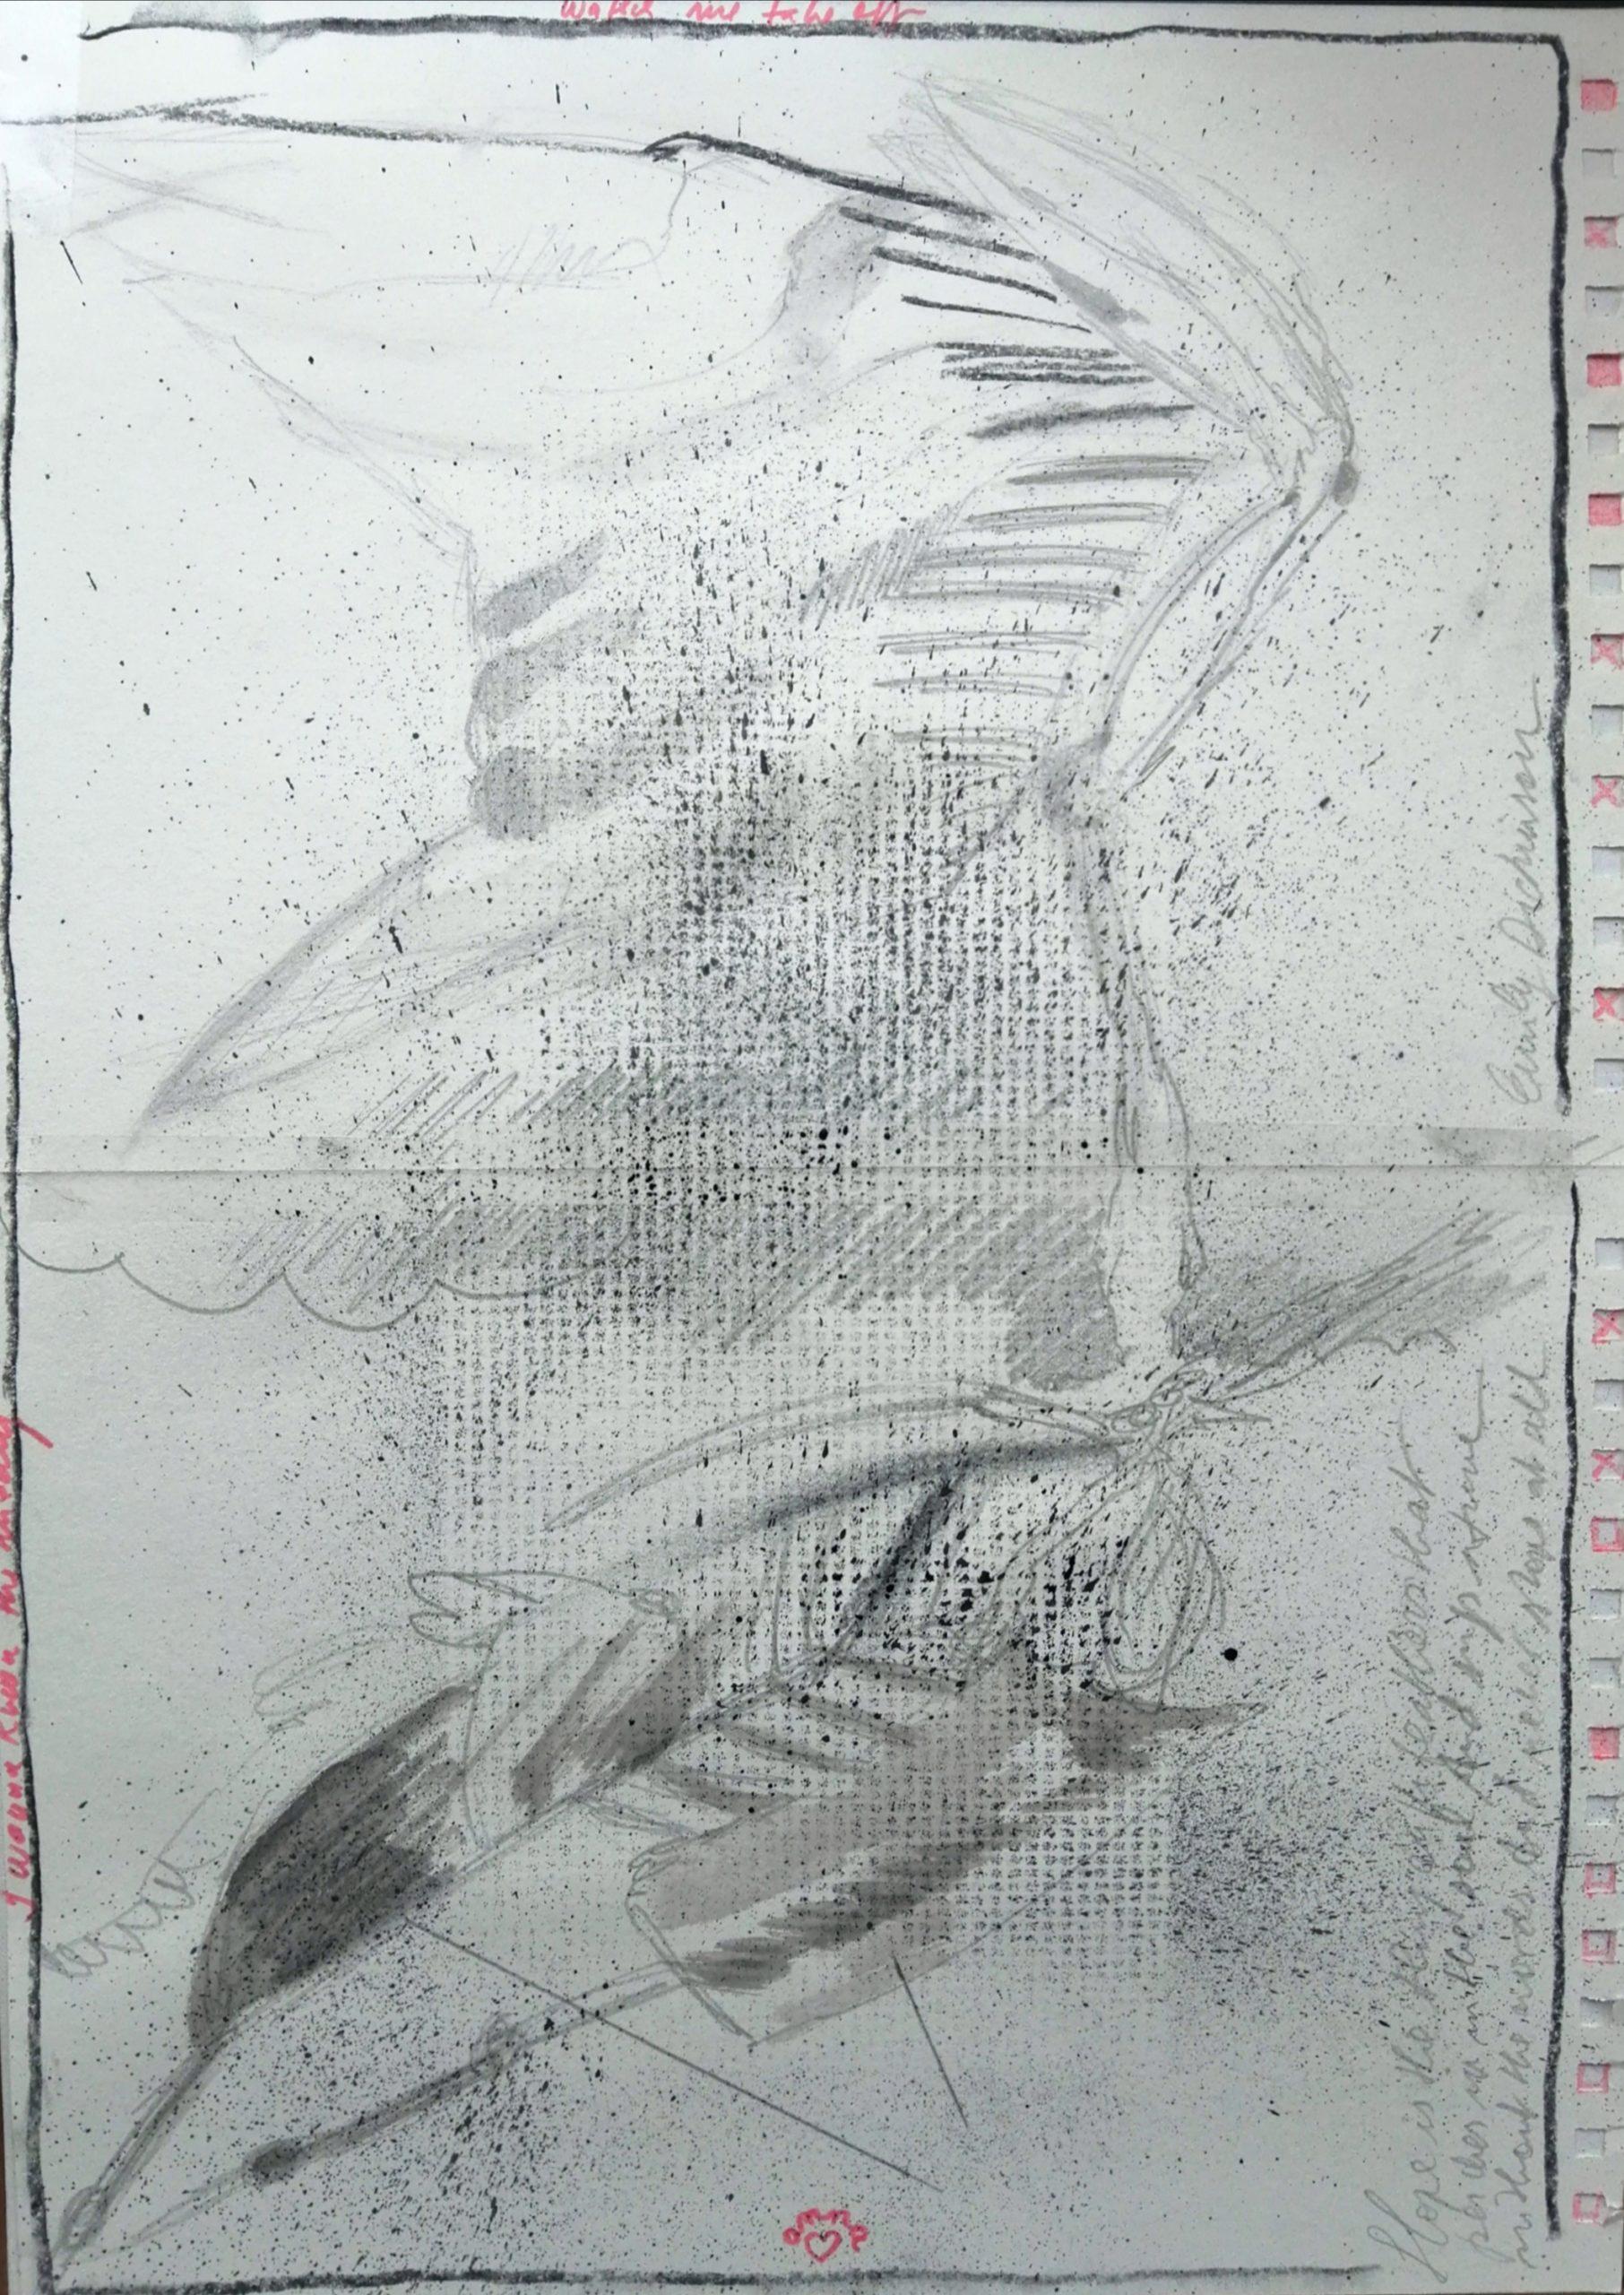 Birdstudy